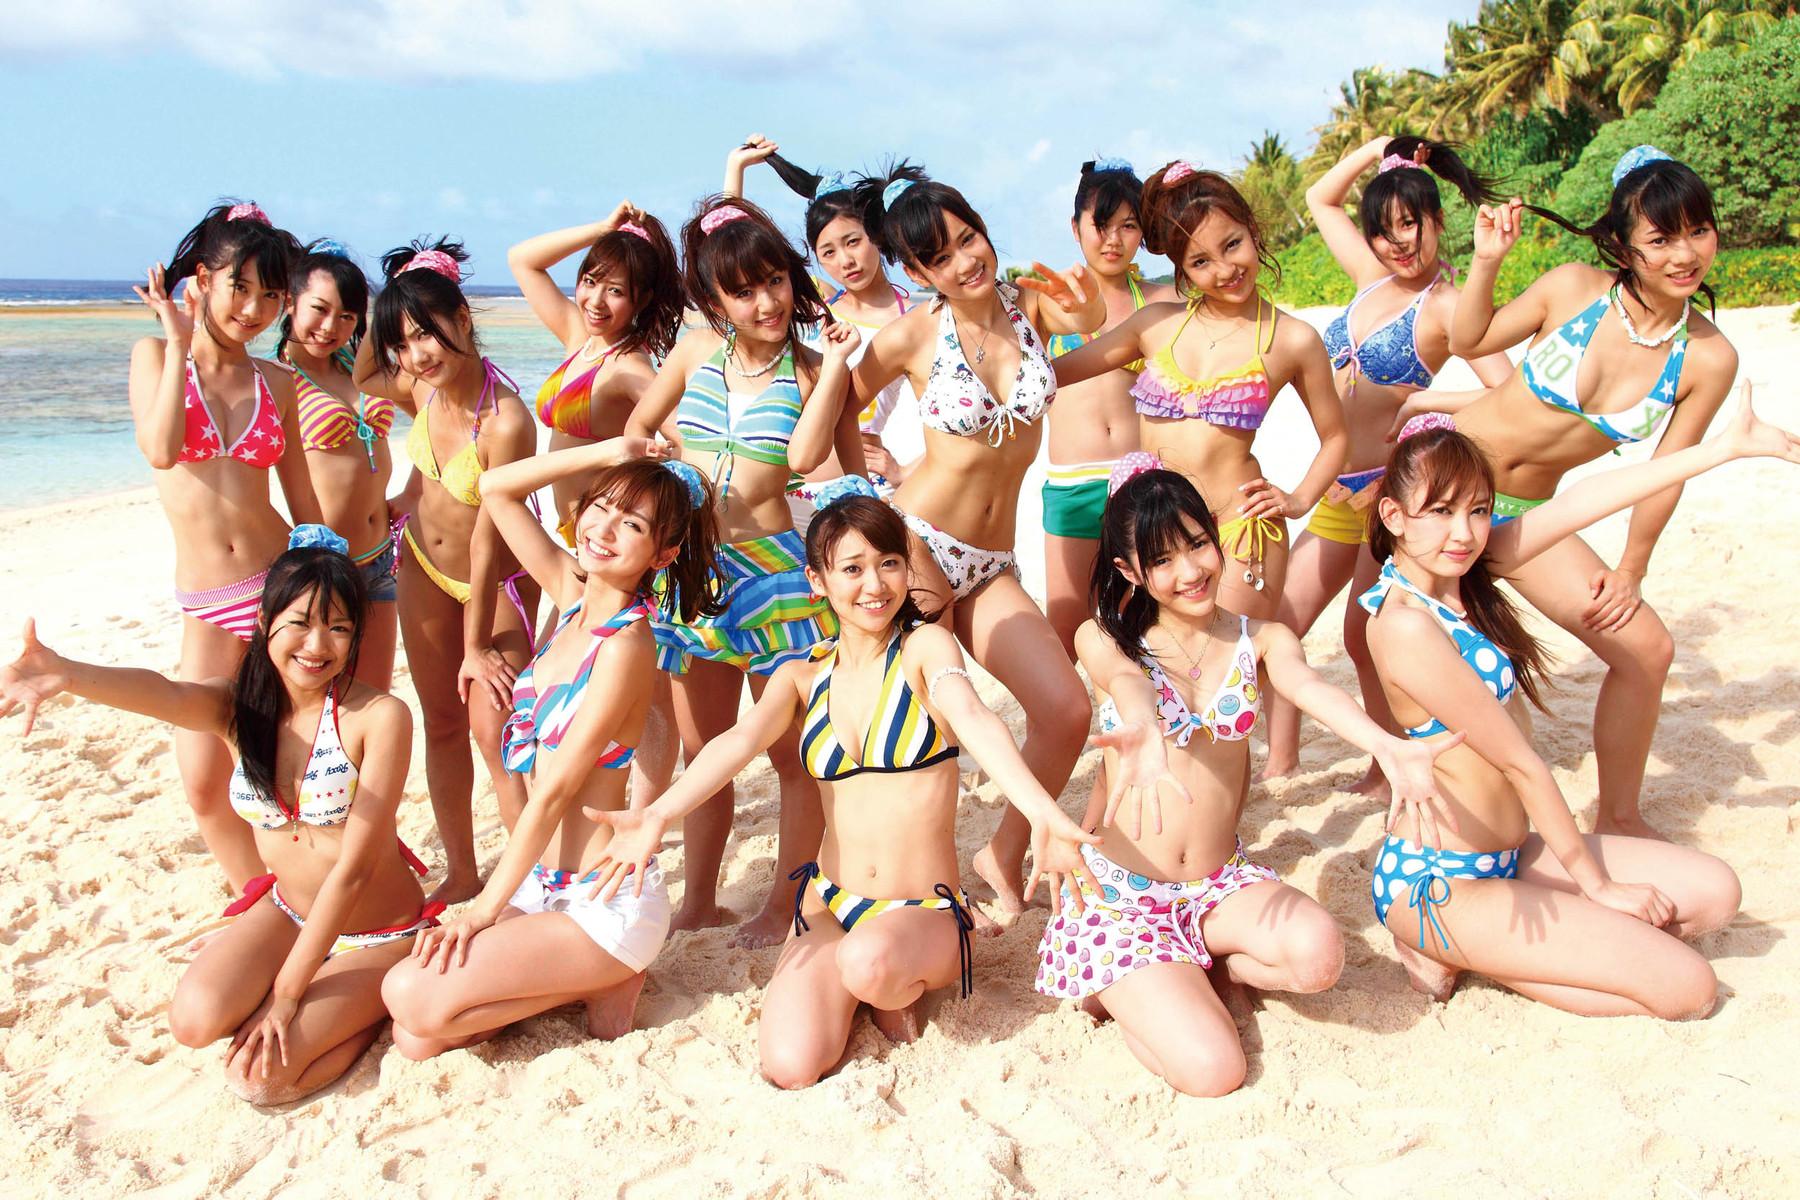 砂浜の上でそれぞれが可愛くポーズをするAKB48